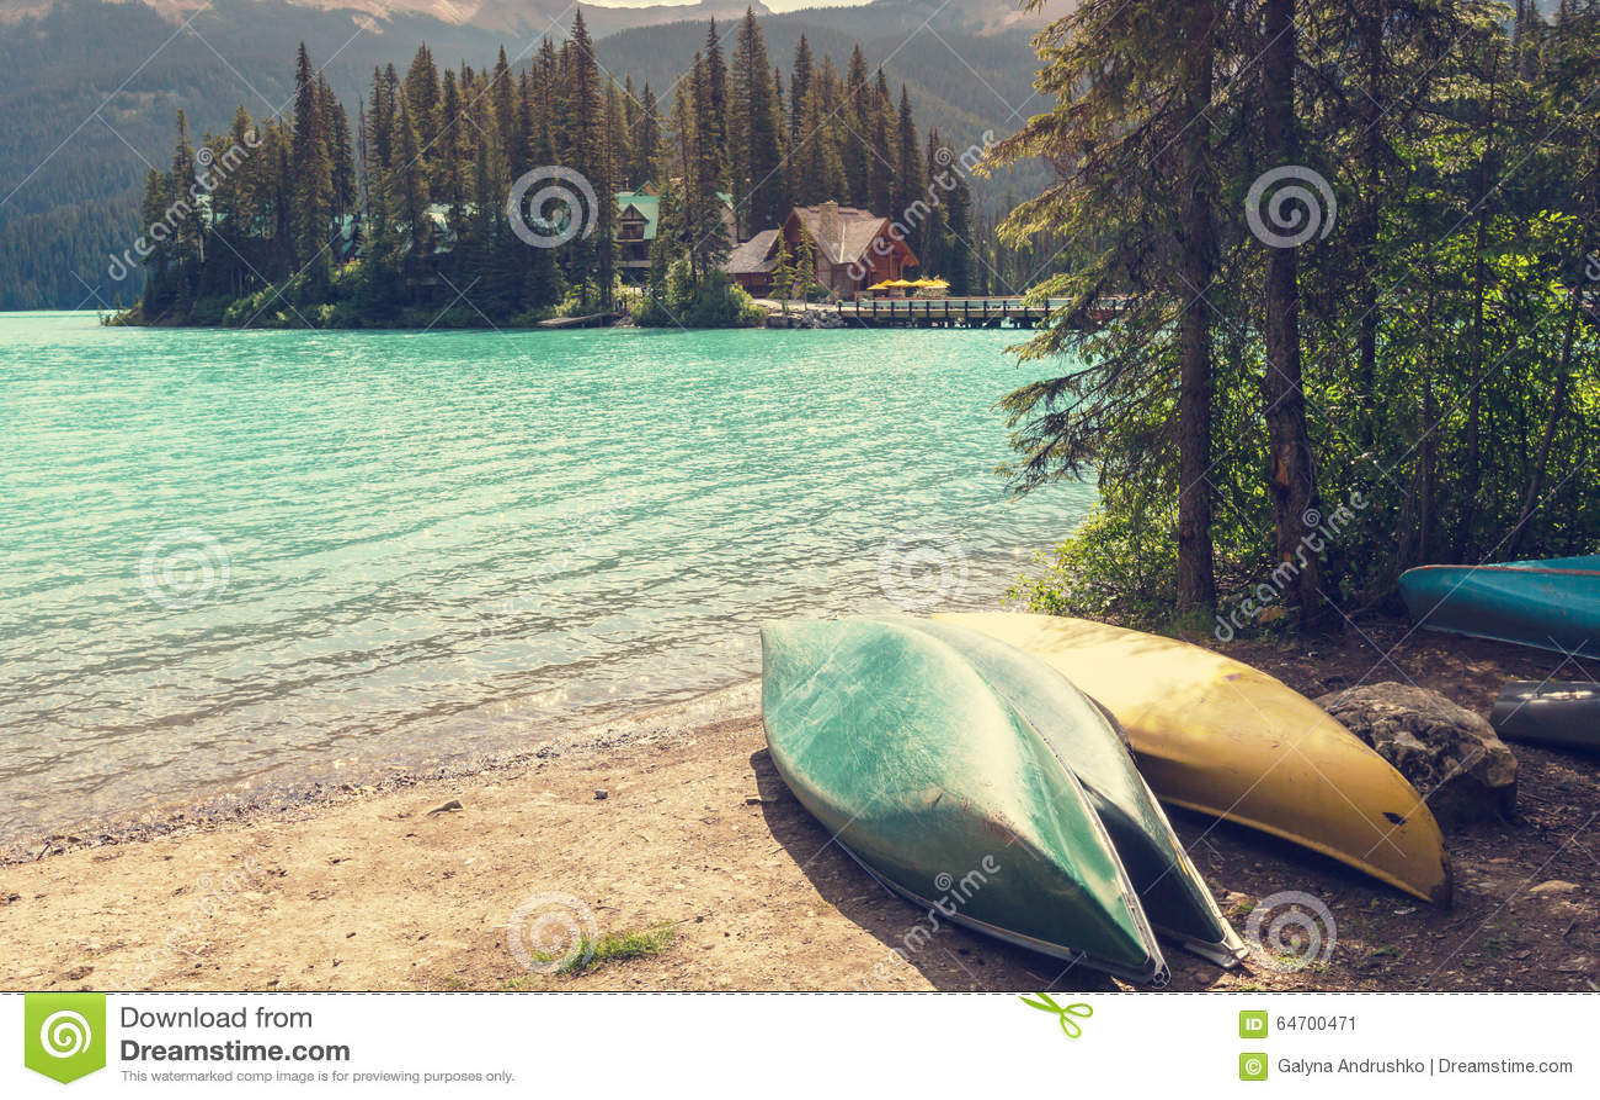 Smaragdgroen Meer